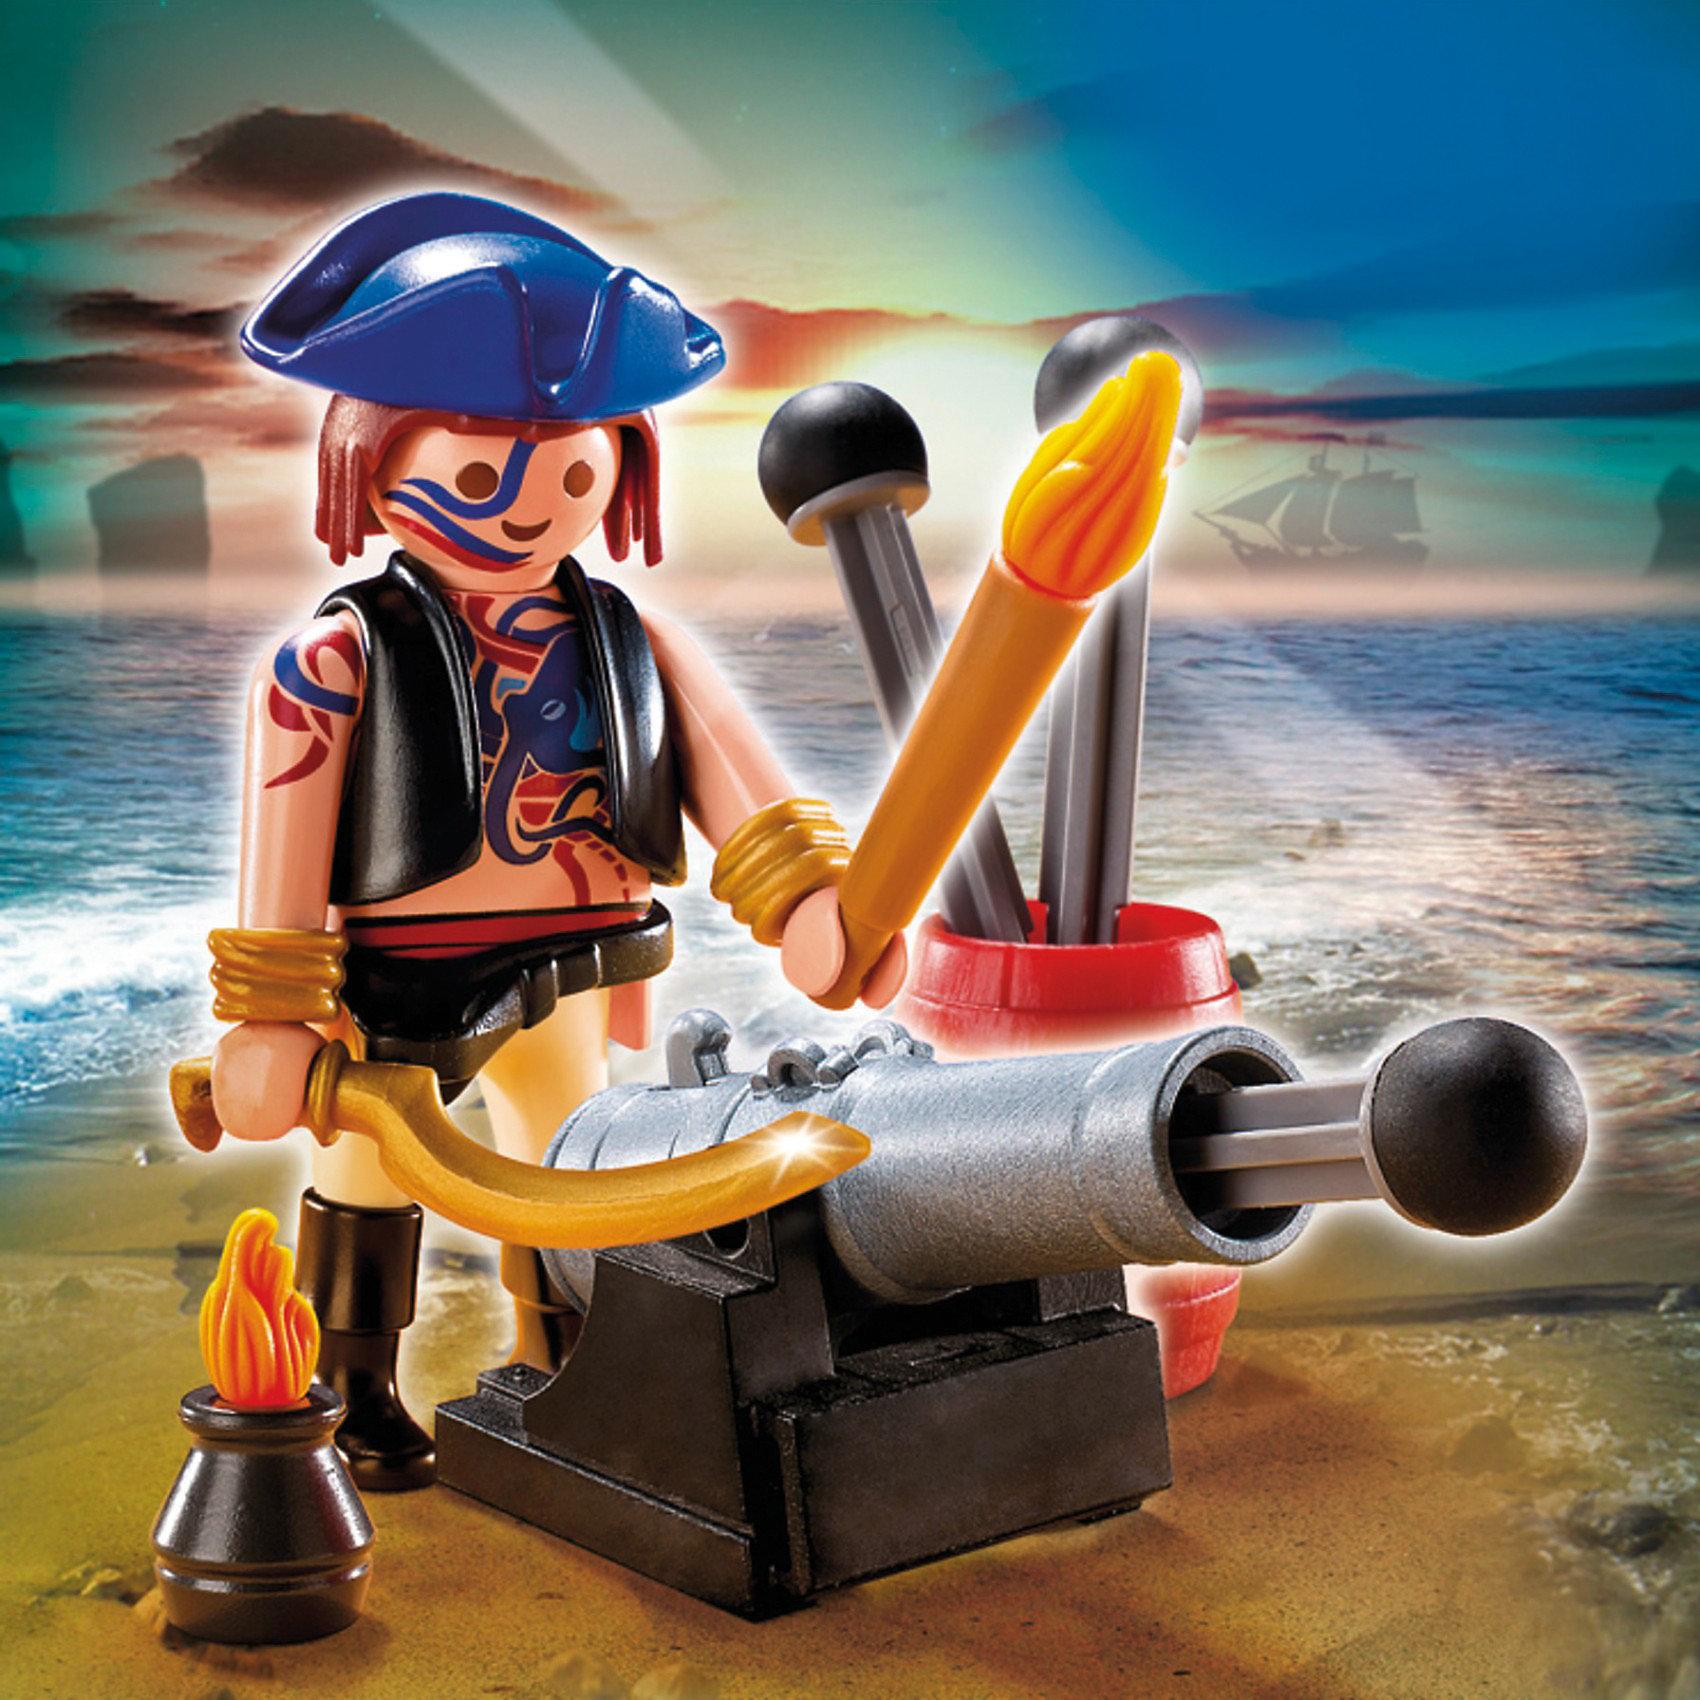 PLAYMOBIL 5413 Дополнение: Пират с пушкой